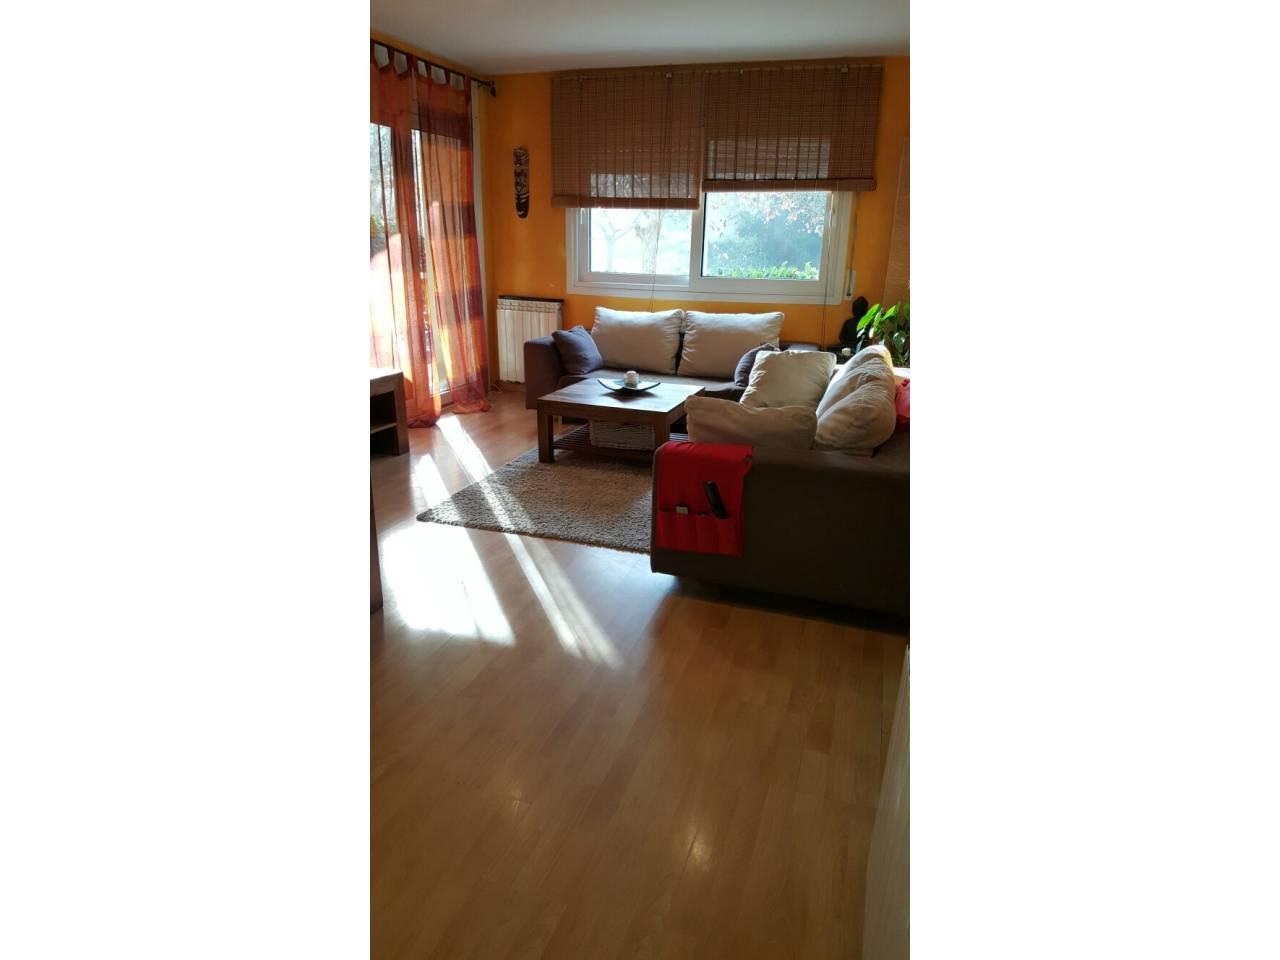 Pis  Vallromanes. Precioso piso en vallromanes de superficie 95m2. distribuido en